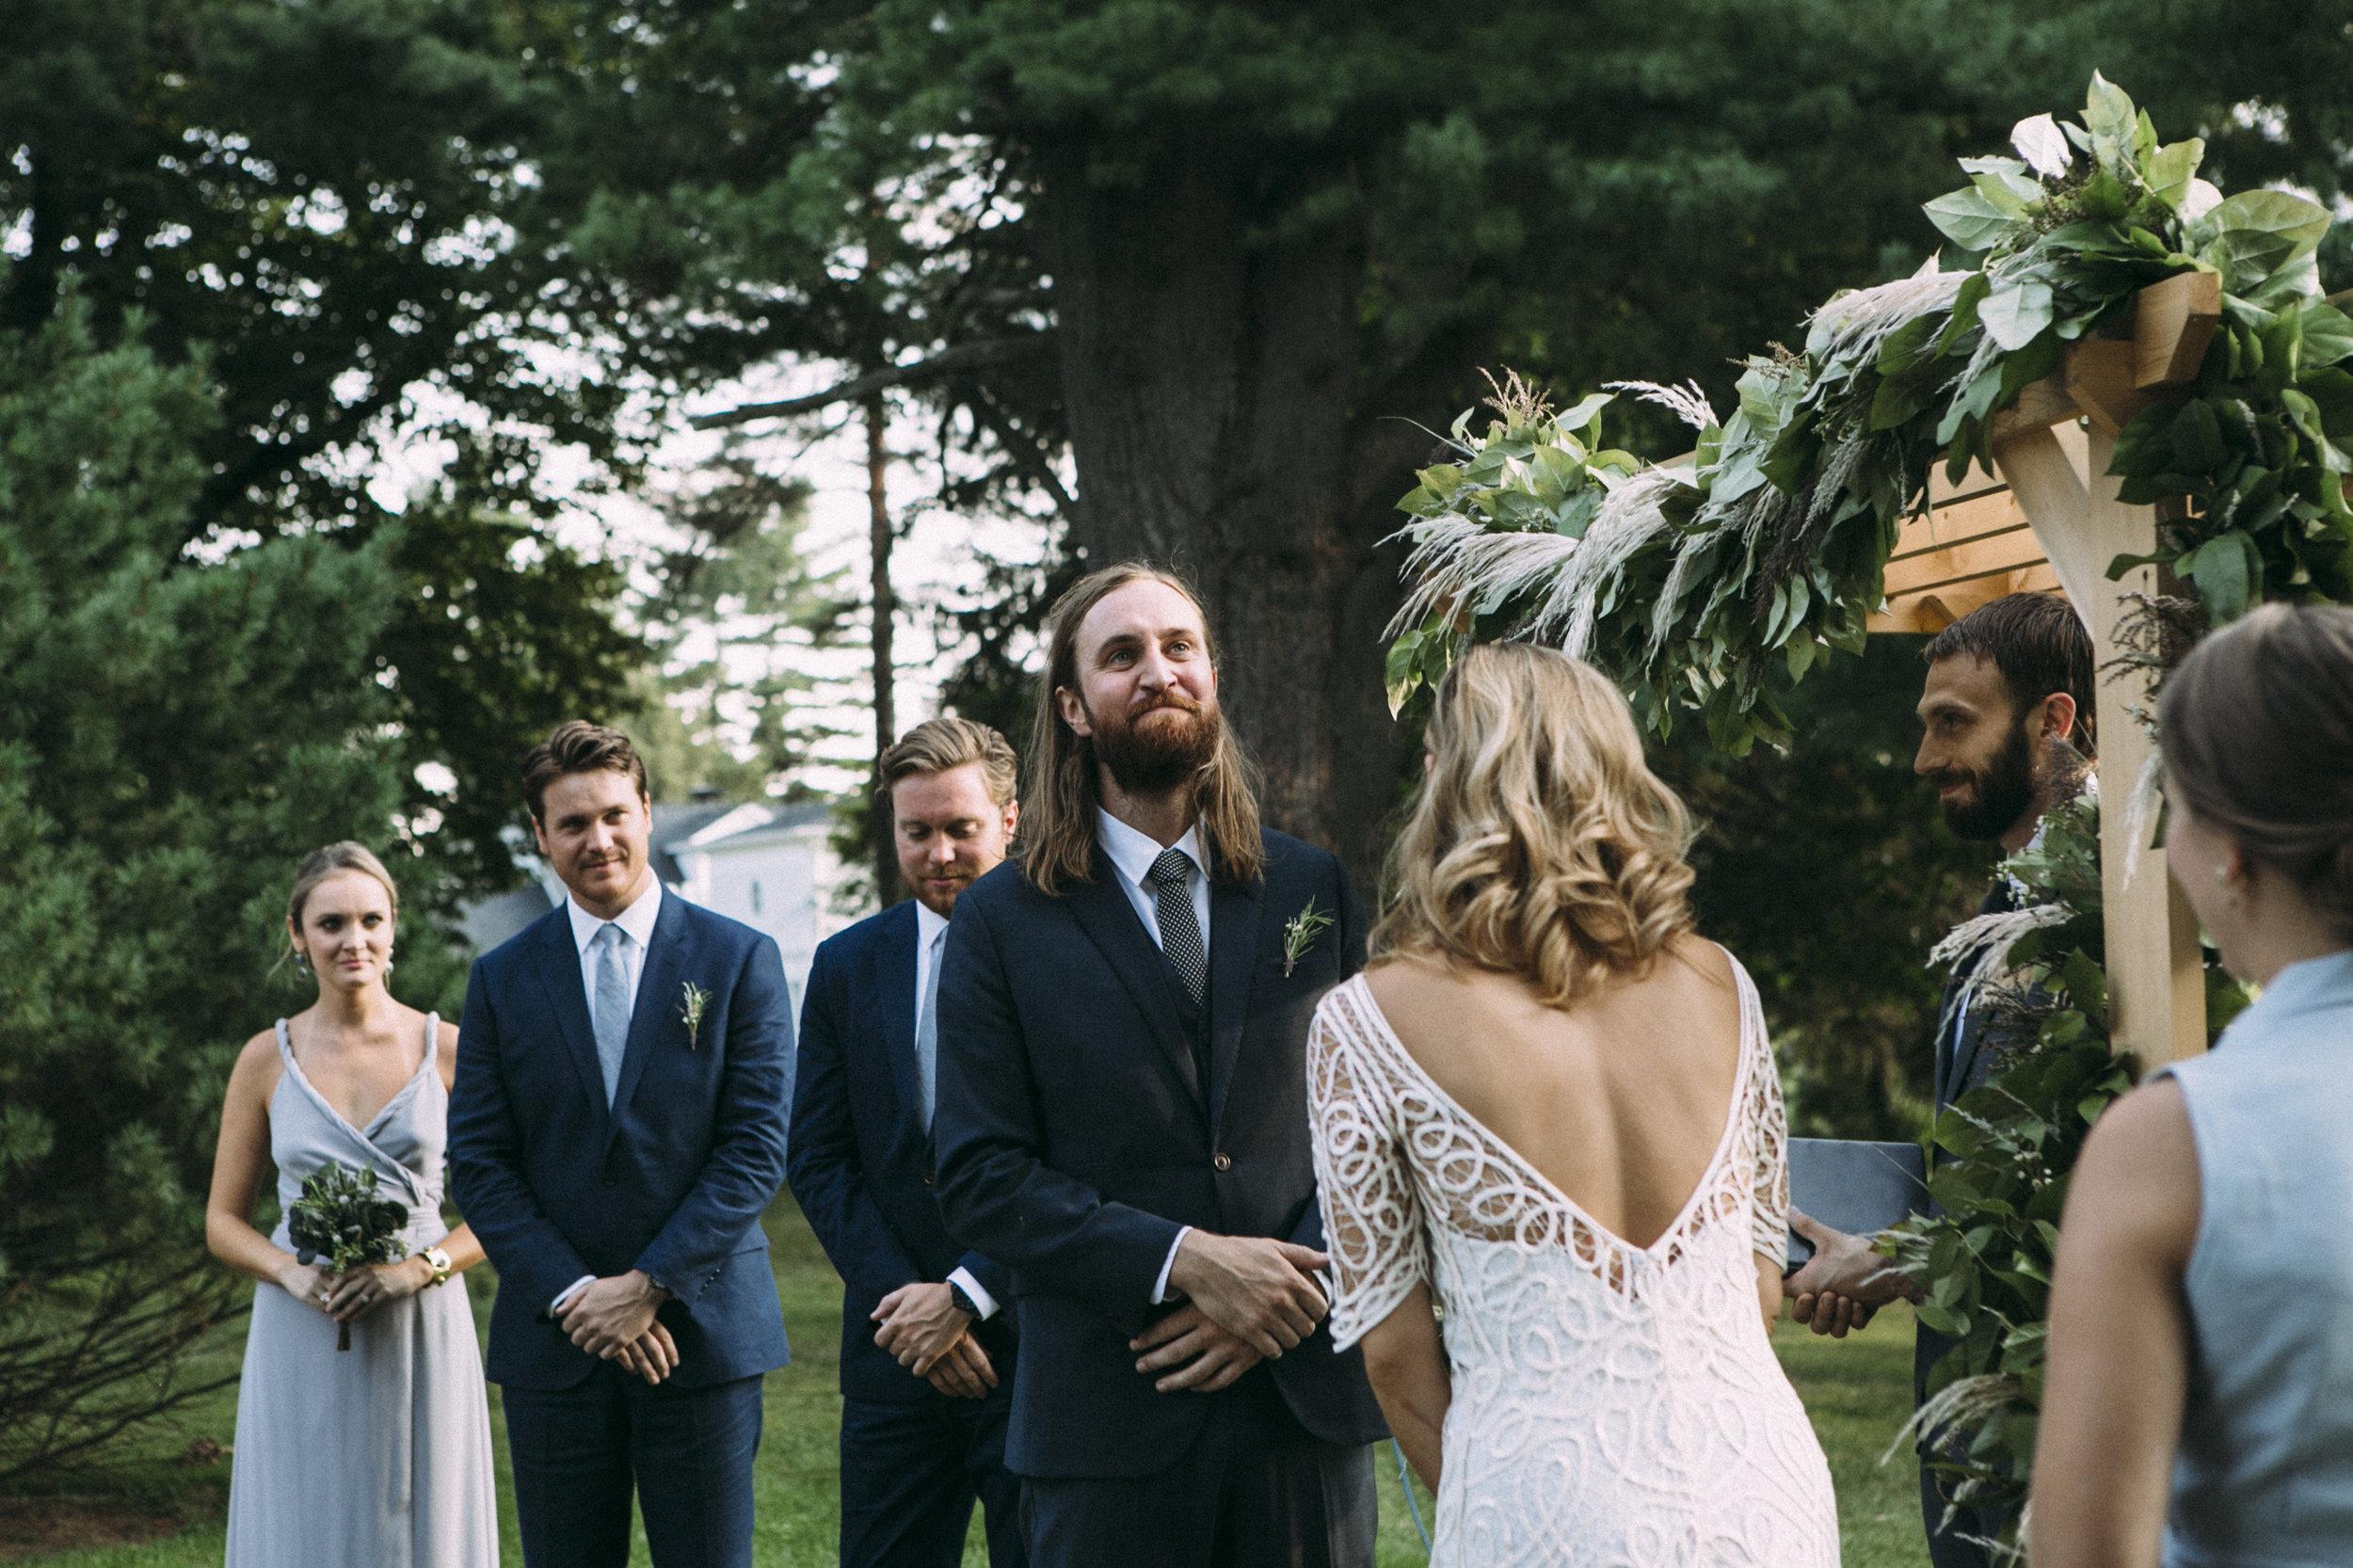 Em_and_Ax_00_wedding-585.jpg